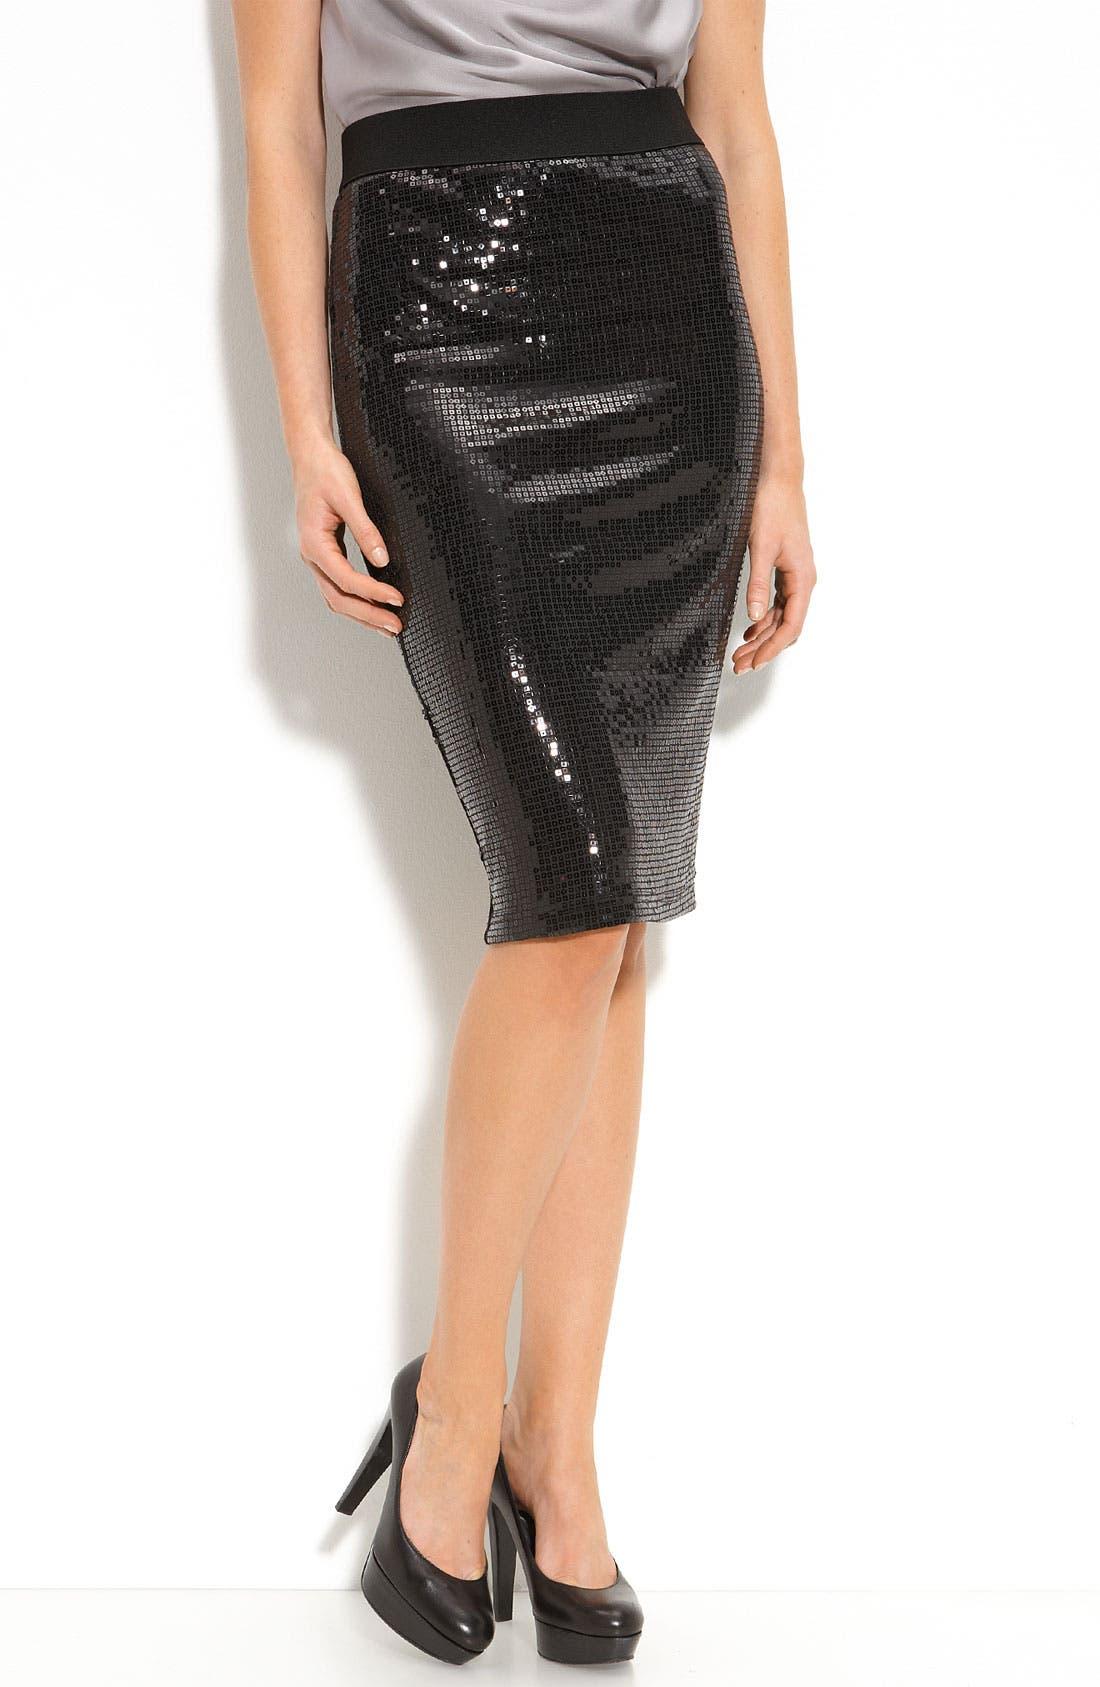 Alternate Image 1 Selected - Karen Kane Sequin Pencil Skirt